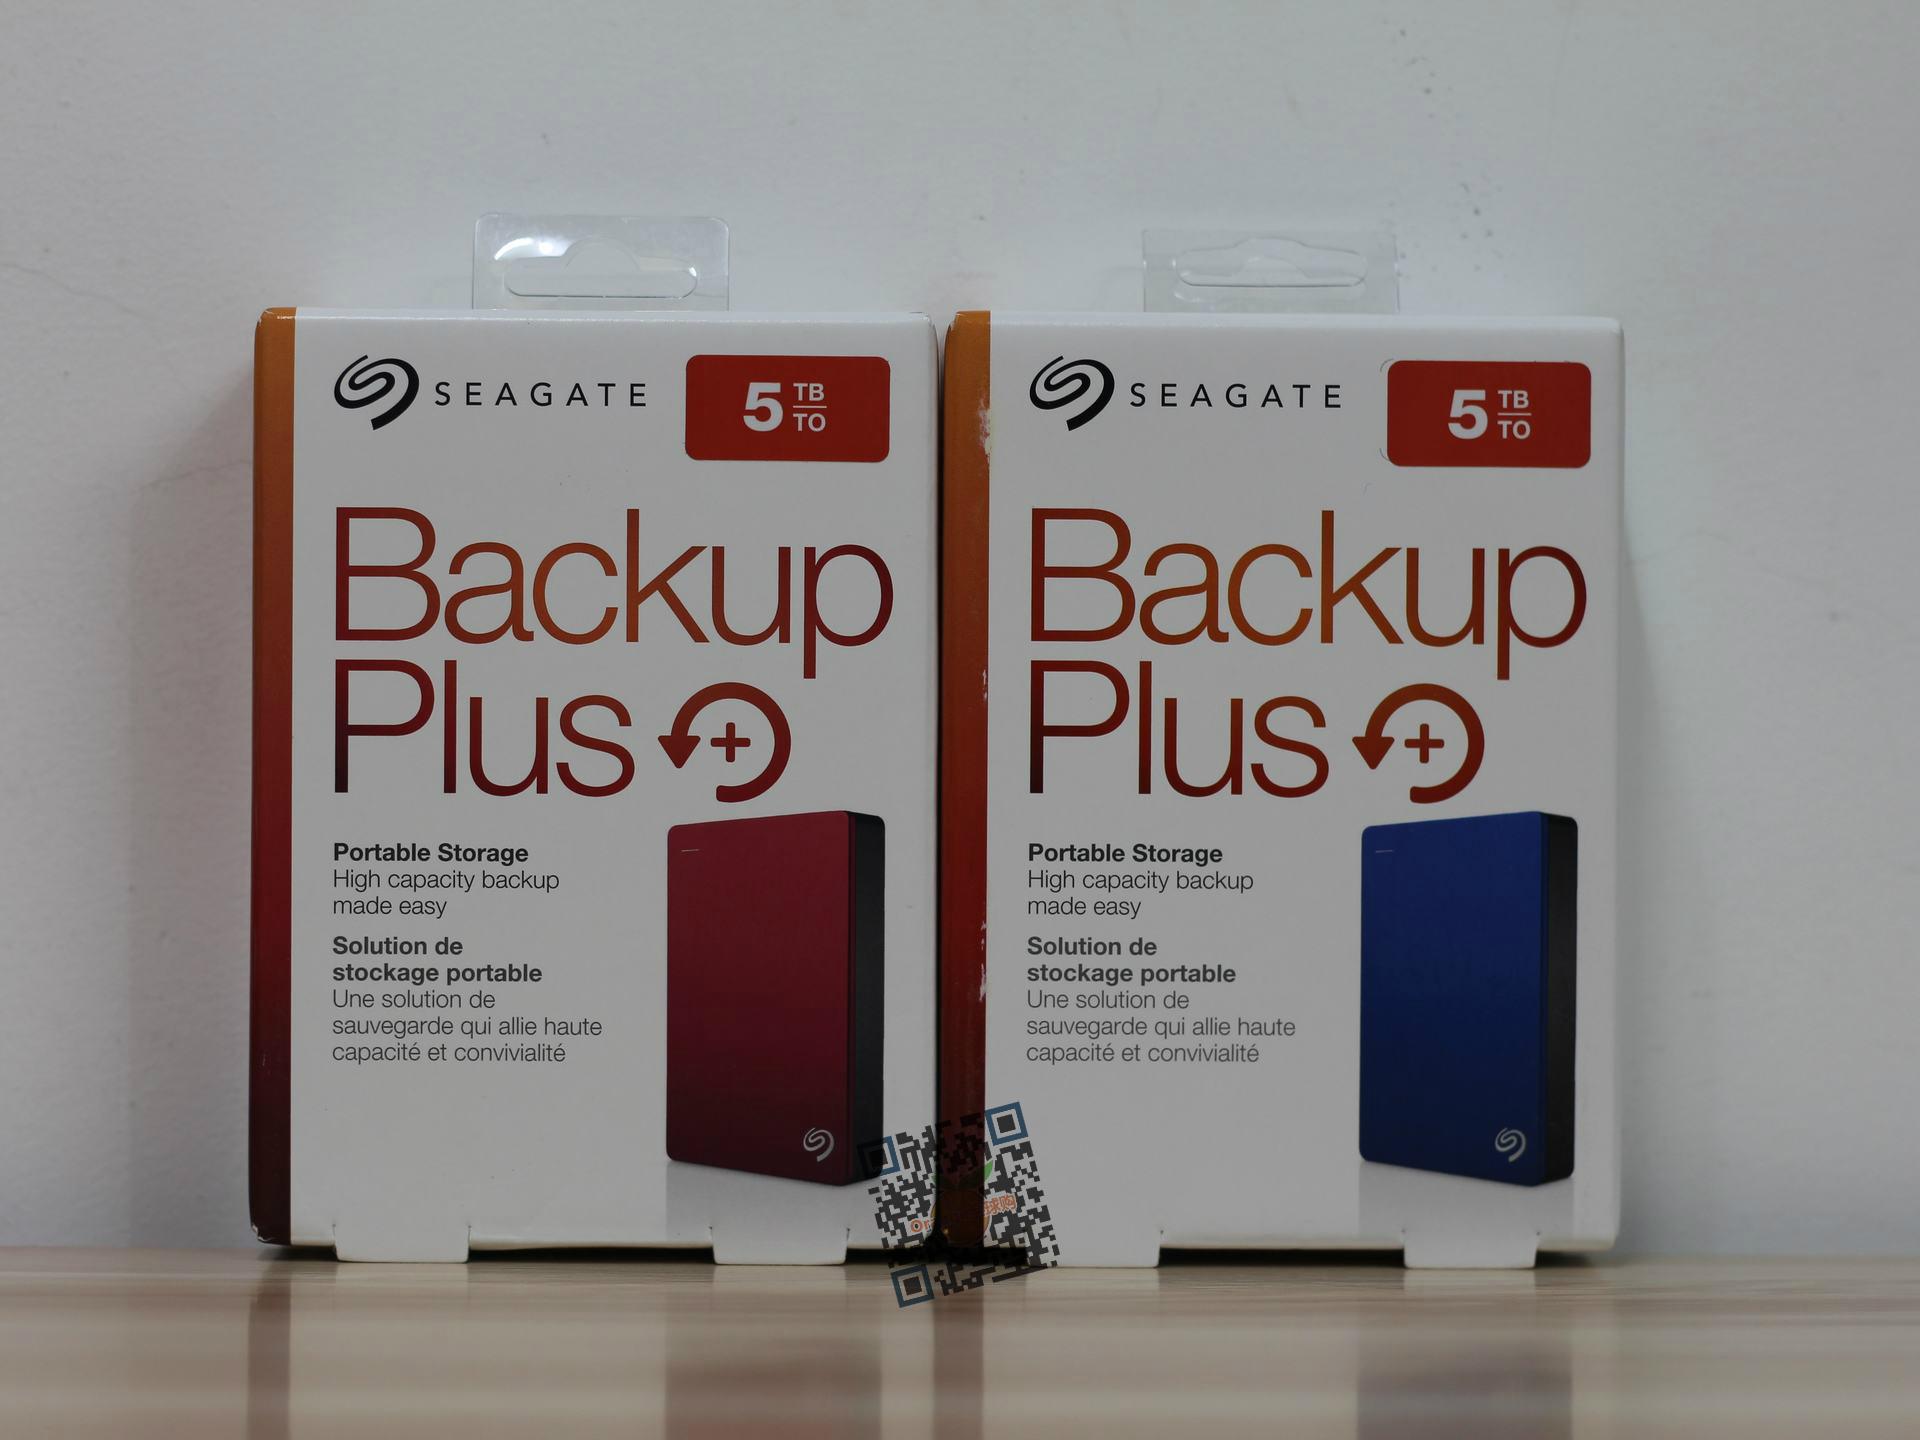 - Seagate/ Seagate novostar Waren BackupPlus5TB2.5 Zoll festplatte 5t